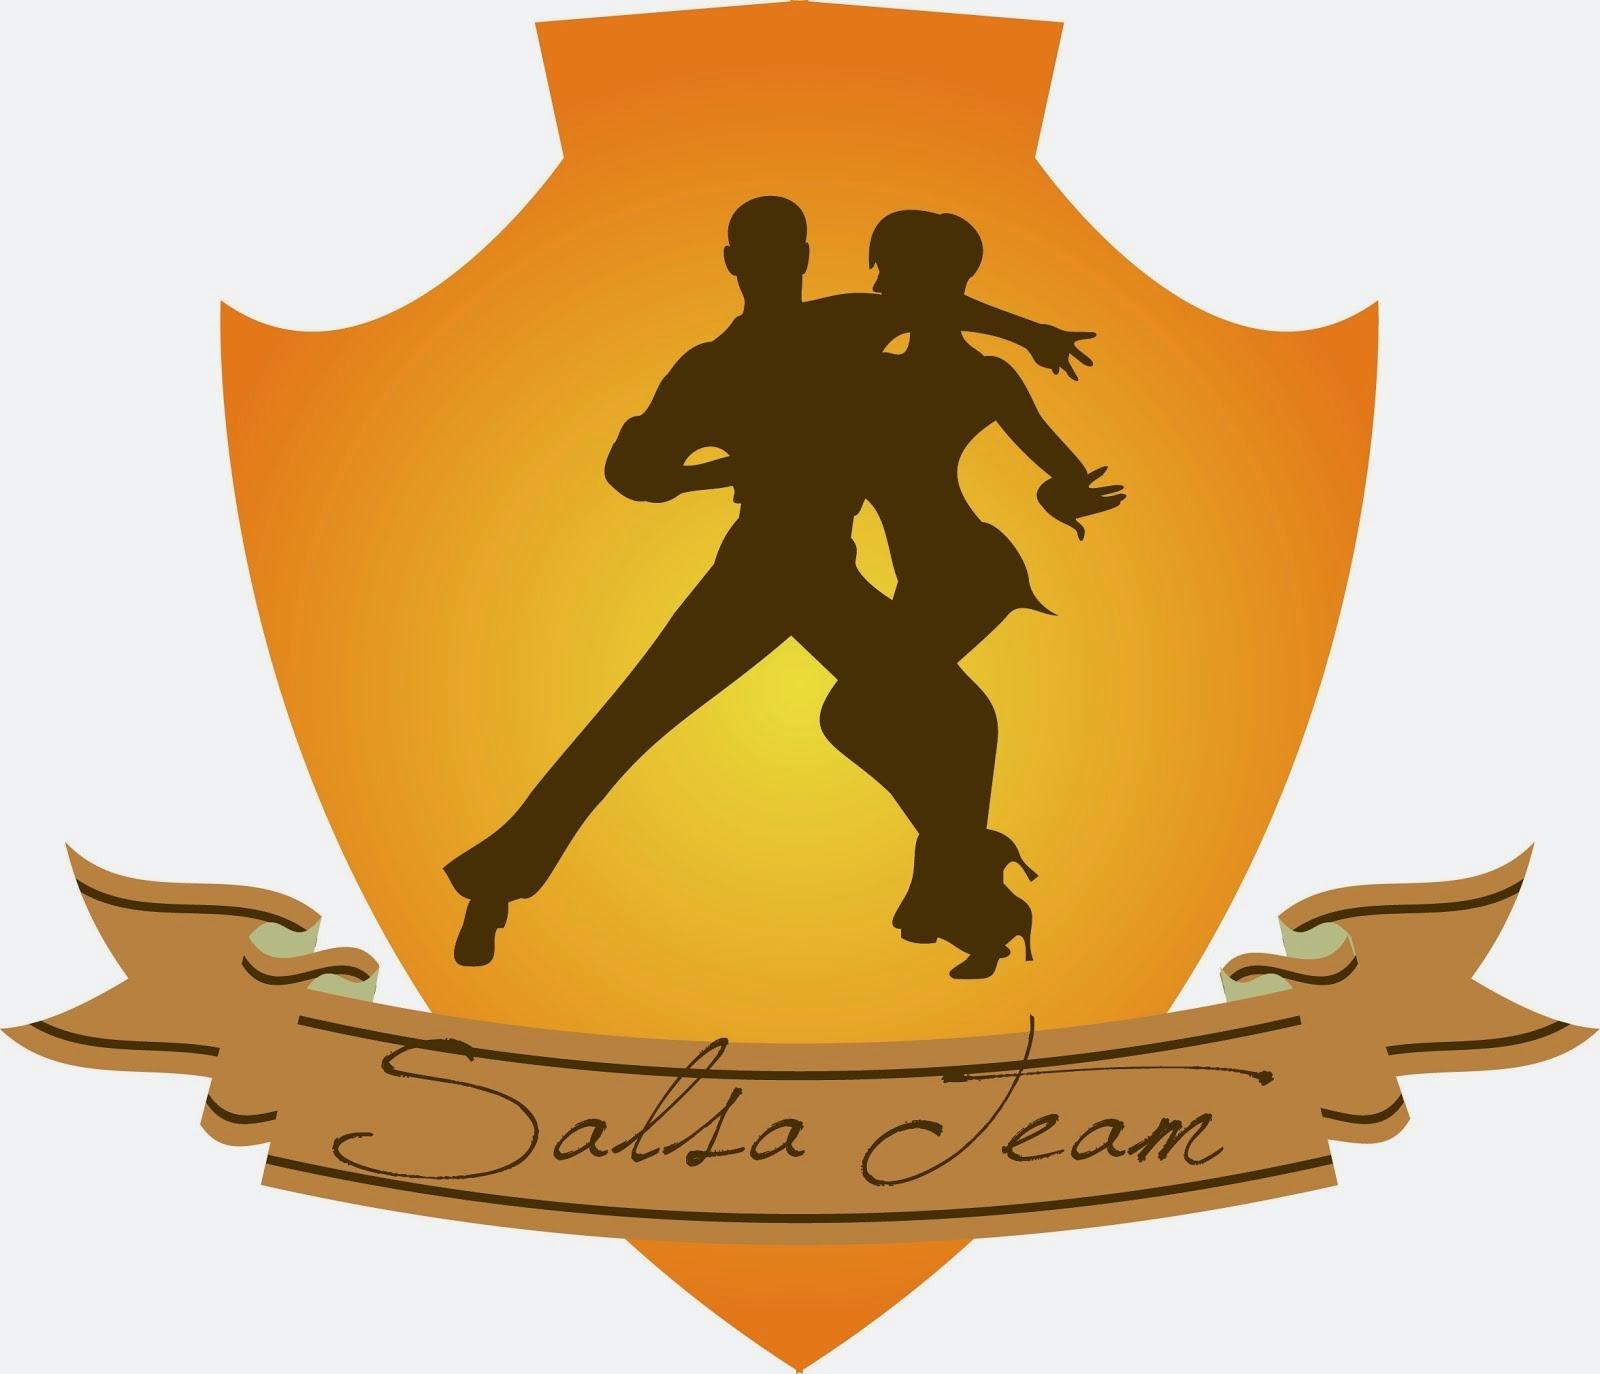 ¿Sabías que en el Local de la academia funciona también una escuela de baile?